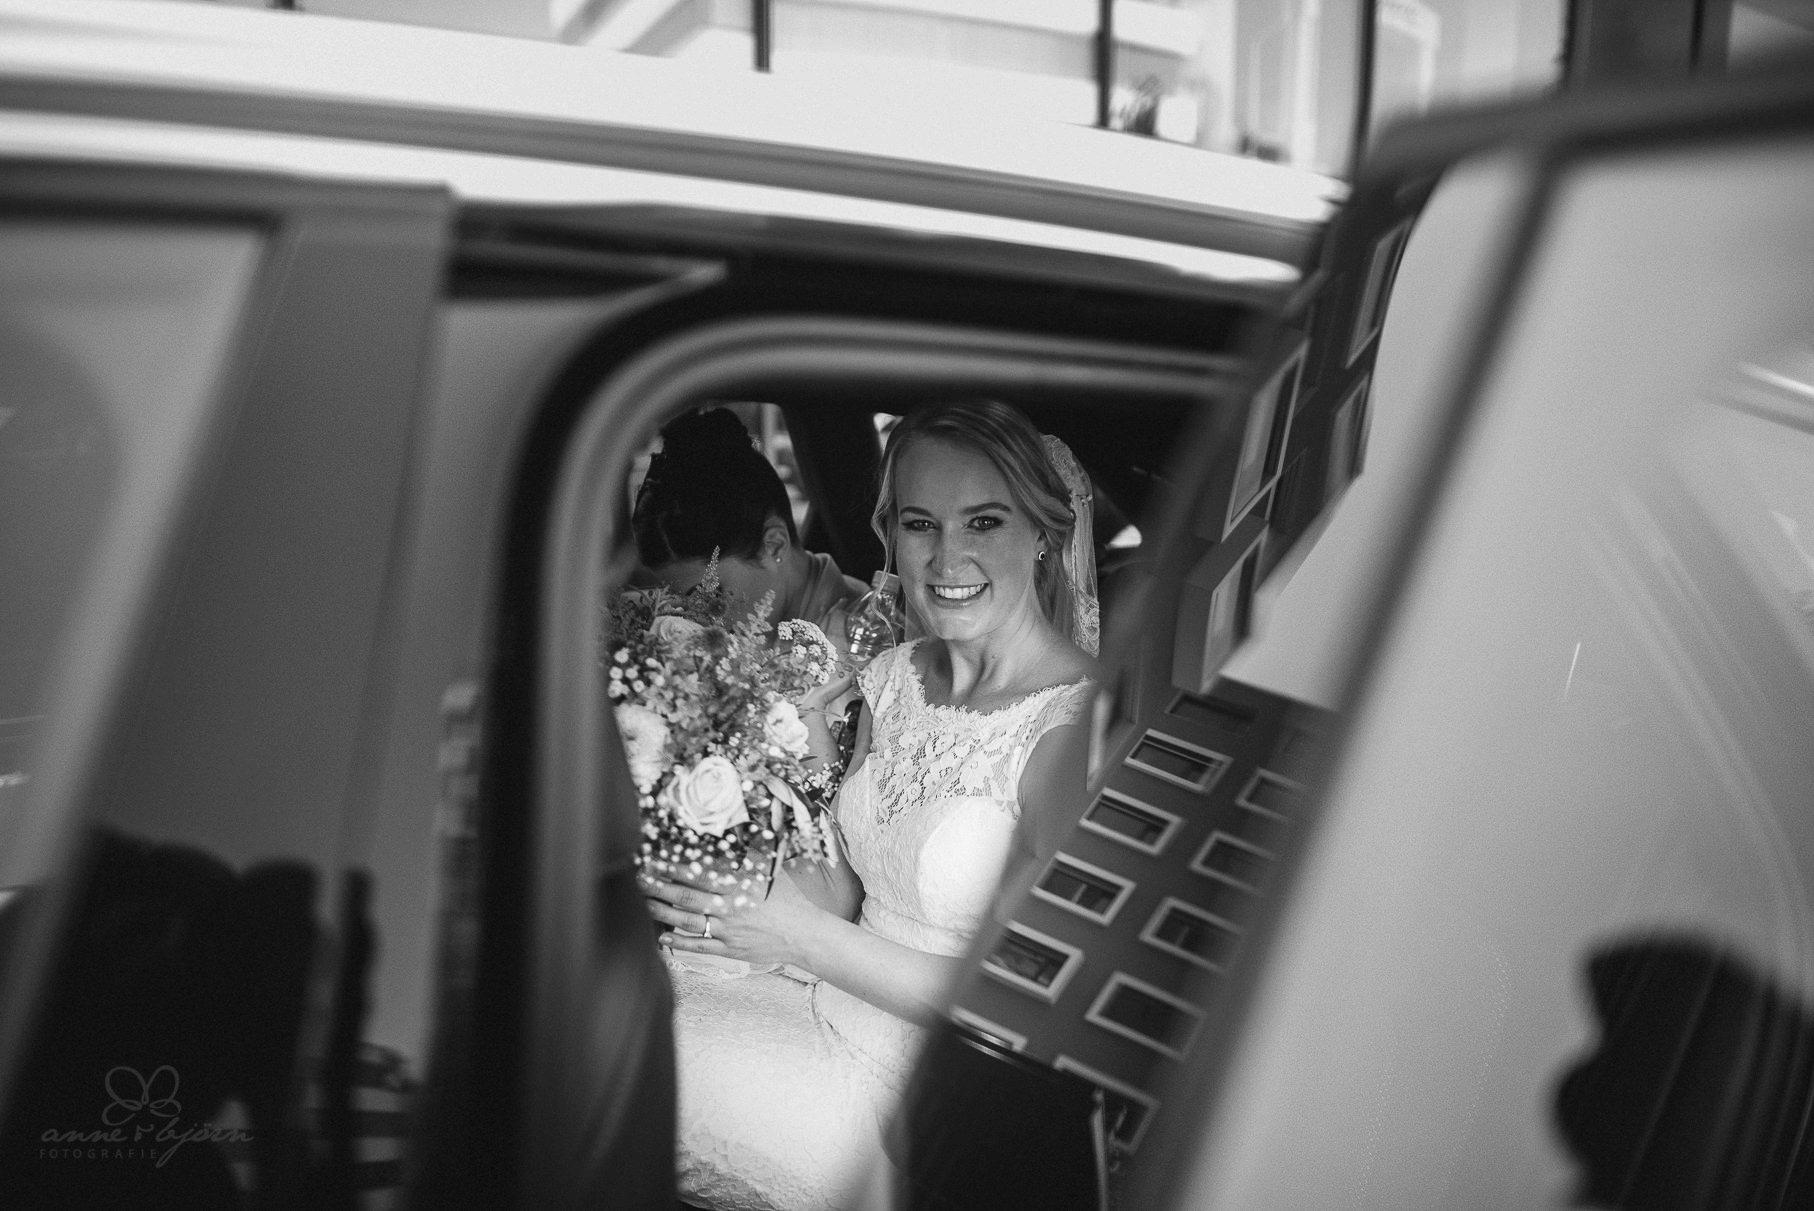 0032 anne und bjoern hochzeit schweiz d75 9857 - DIY Hochzeit in der Schweiz - Sabrina & Christoph